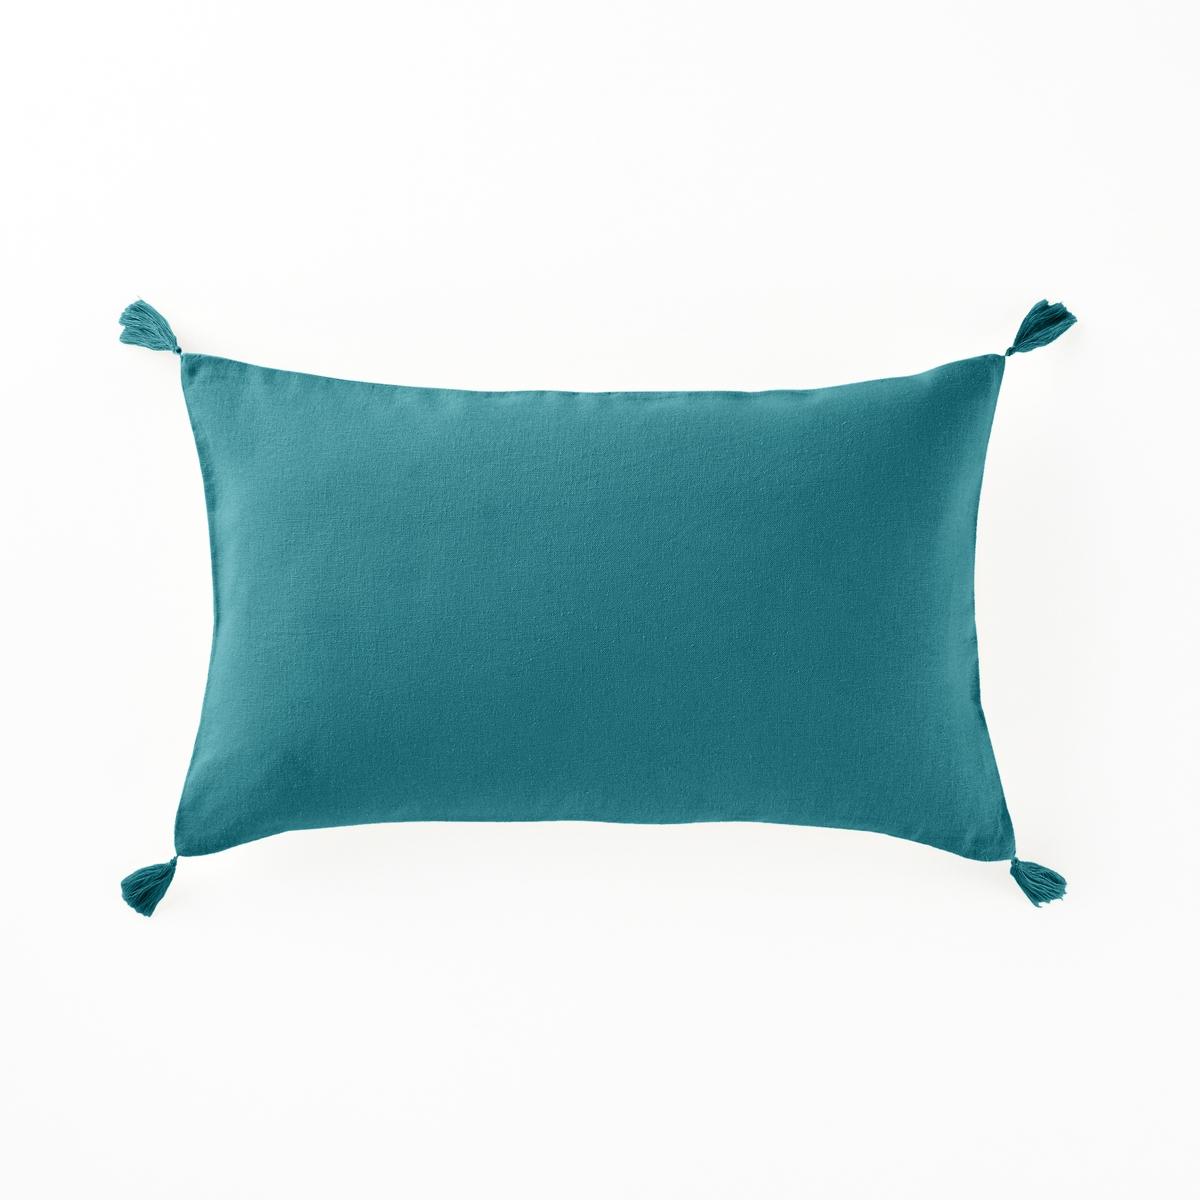 Чехол La Redoute На подушку из льна и вискозы ODORIE 50 x 30 см синий чехол из льна с помпонами для изголовья кровати sandor